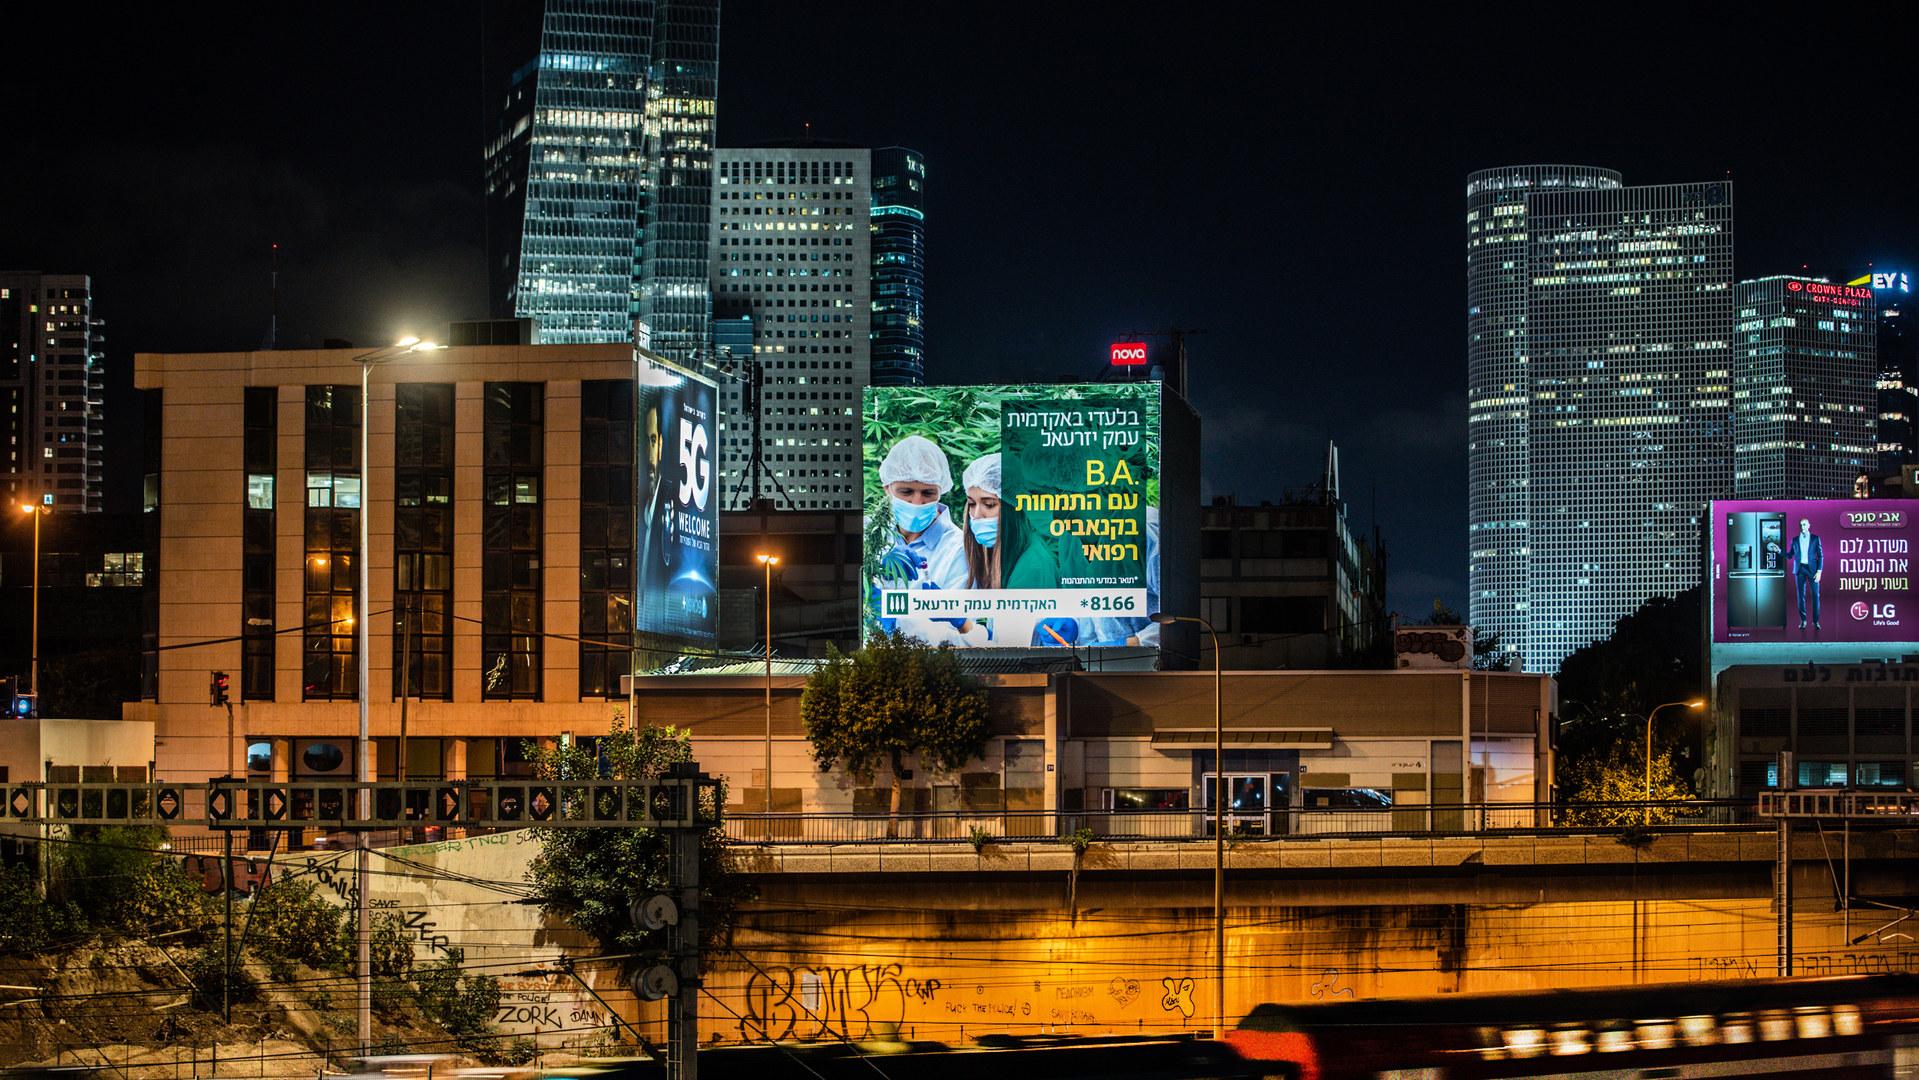 שלטי פרסום חוצות ענק על גבי קירות - שלטי חוצות תל אביב